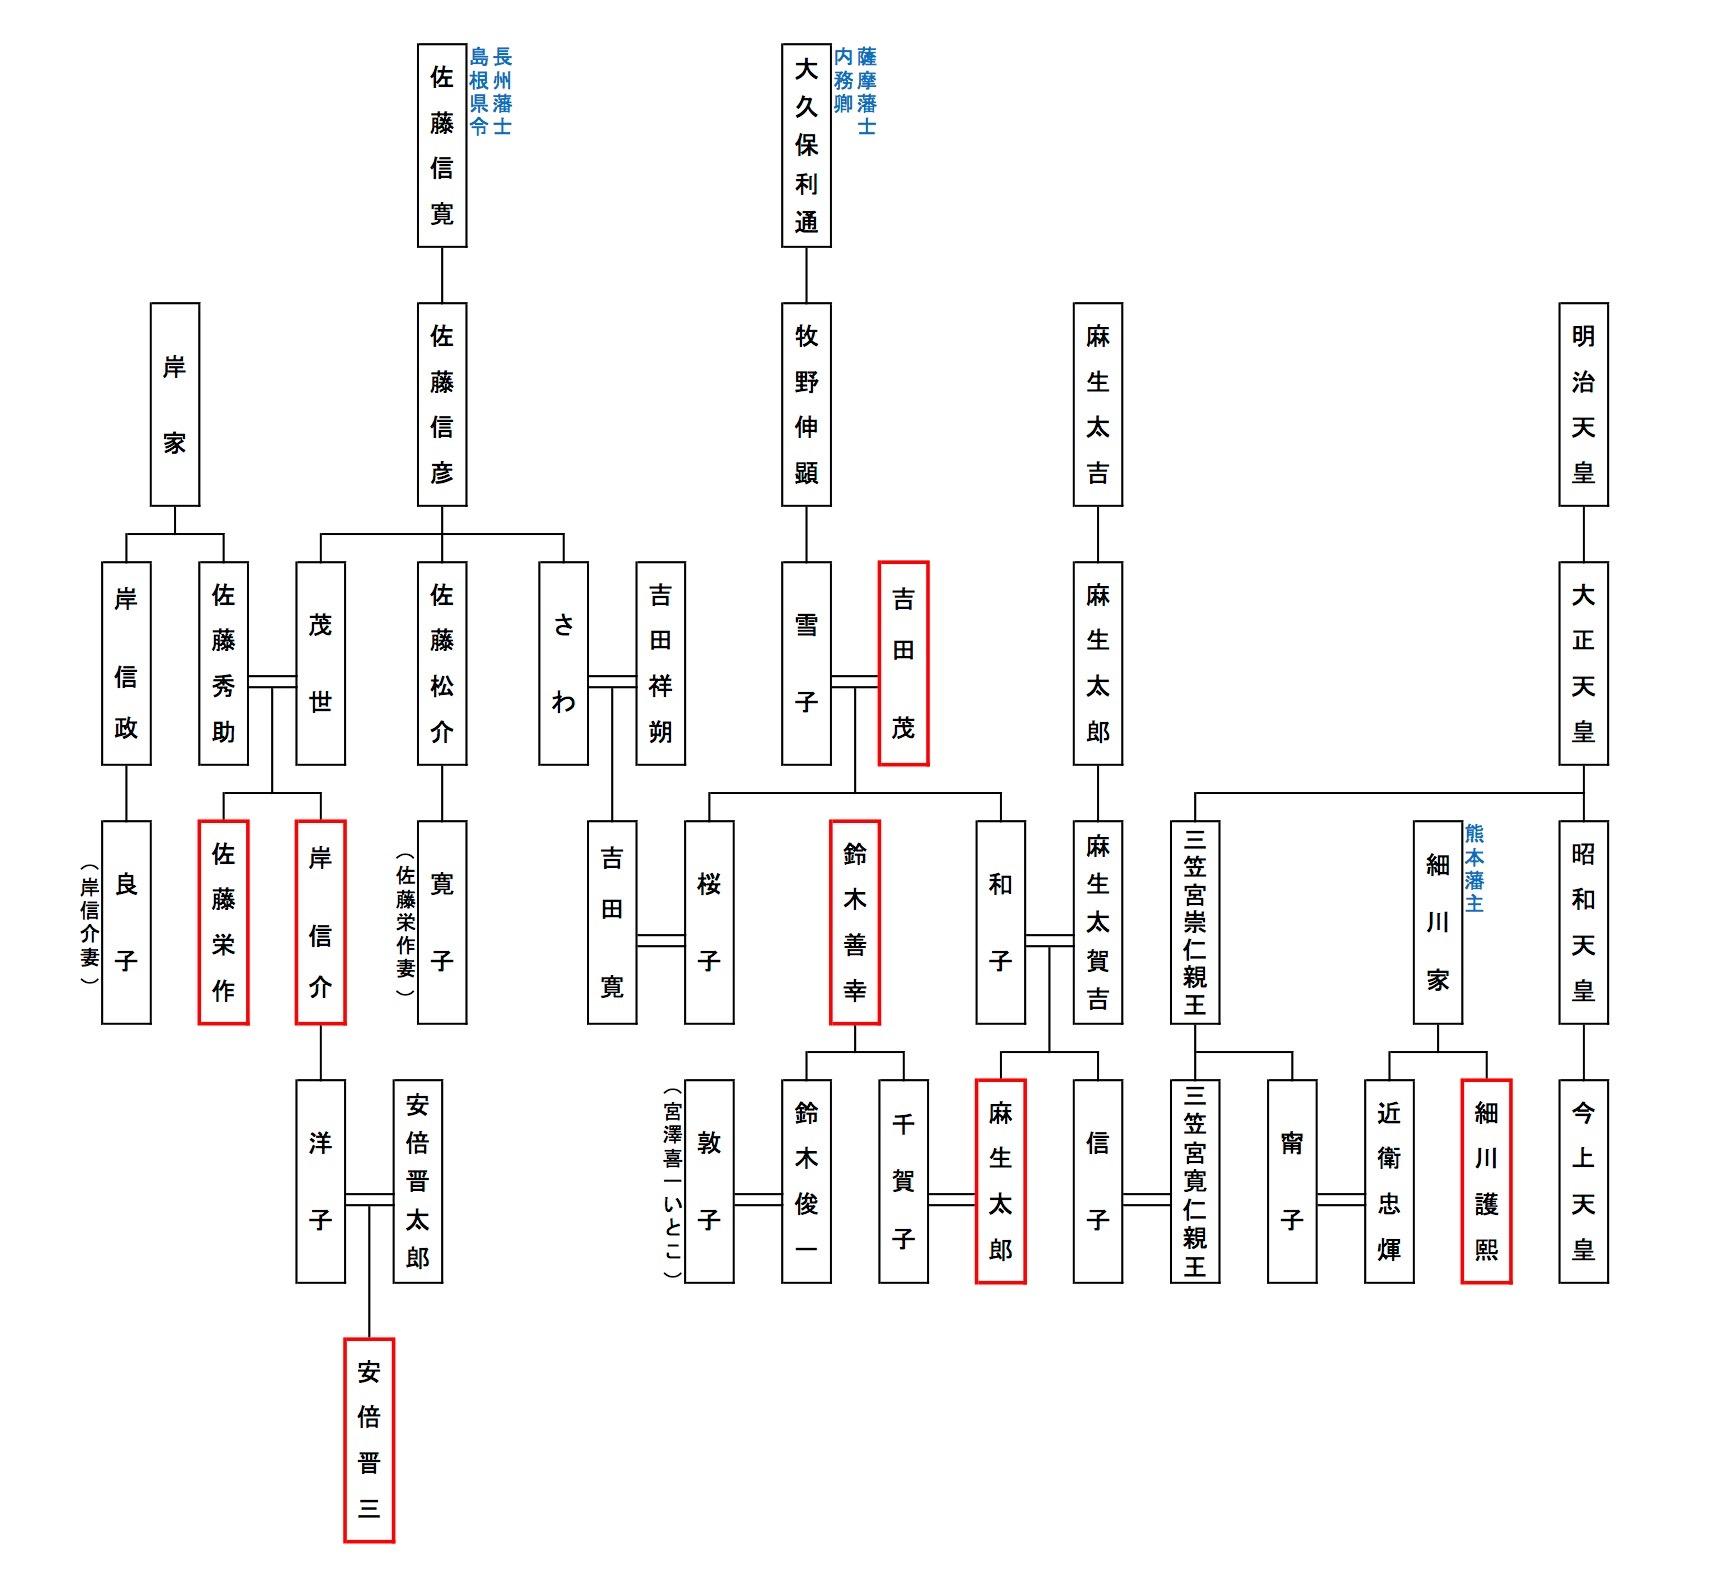 まぐまぐ・家系図(安倍晋三・麻生太郎) (1)